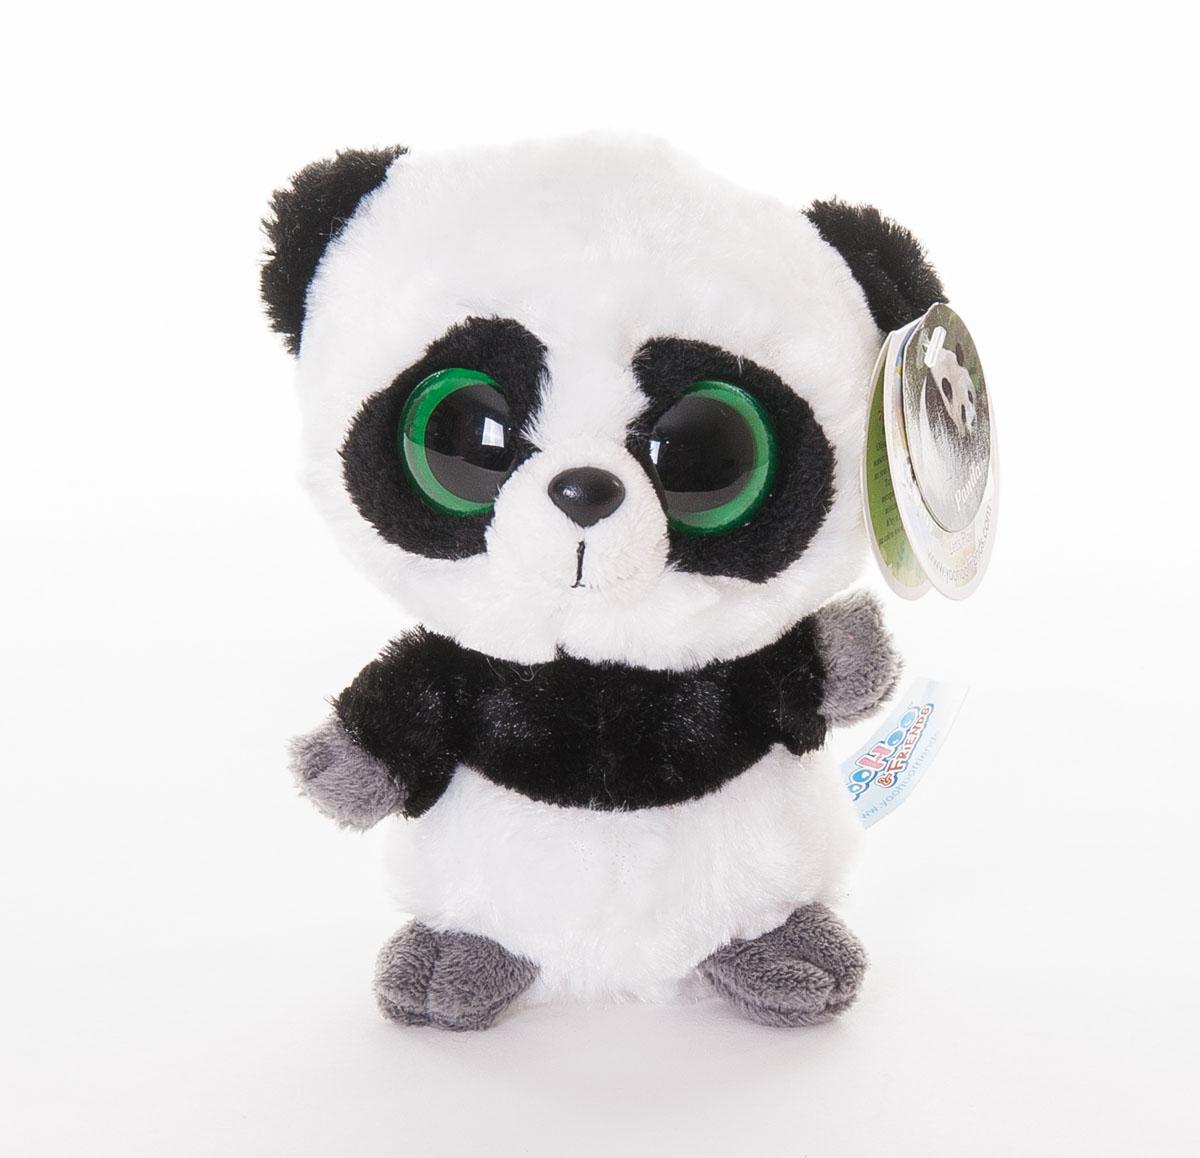 Aurora Мягкая игрушка Панда 12 см12-106Мягкая игрушка - очаровательная панда по имени Ринг-Ринг, один из персонажей доброго и трогательного мультфильма Юху и его друзья. Мультфильм повествует об отважных зверьках, которые отправляются в опасное приключение, чтобы спасти свою страну - Ютопию. У панты мягкая и приятная на ощупь шерстка, симпатичная мордочка и красивые, выразительные глаза. Игрушку удобно брать с собой на прогулку или в детский сад. Мягкая игрушка Aurora Панда изготовлена из качественных и безопасных материалов. Специальные гранулы, используемые при ее набивке, способствуют развитию мелкой моторики рук малыша.